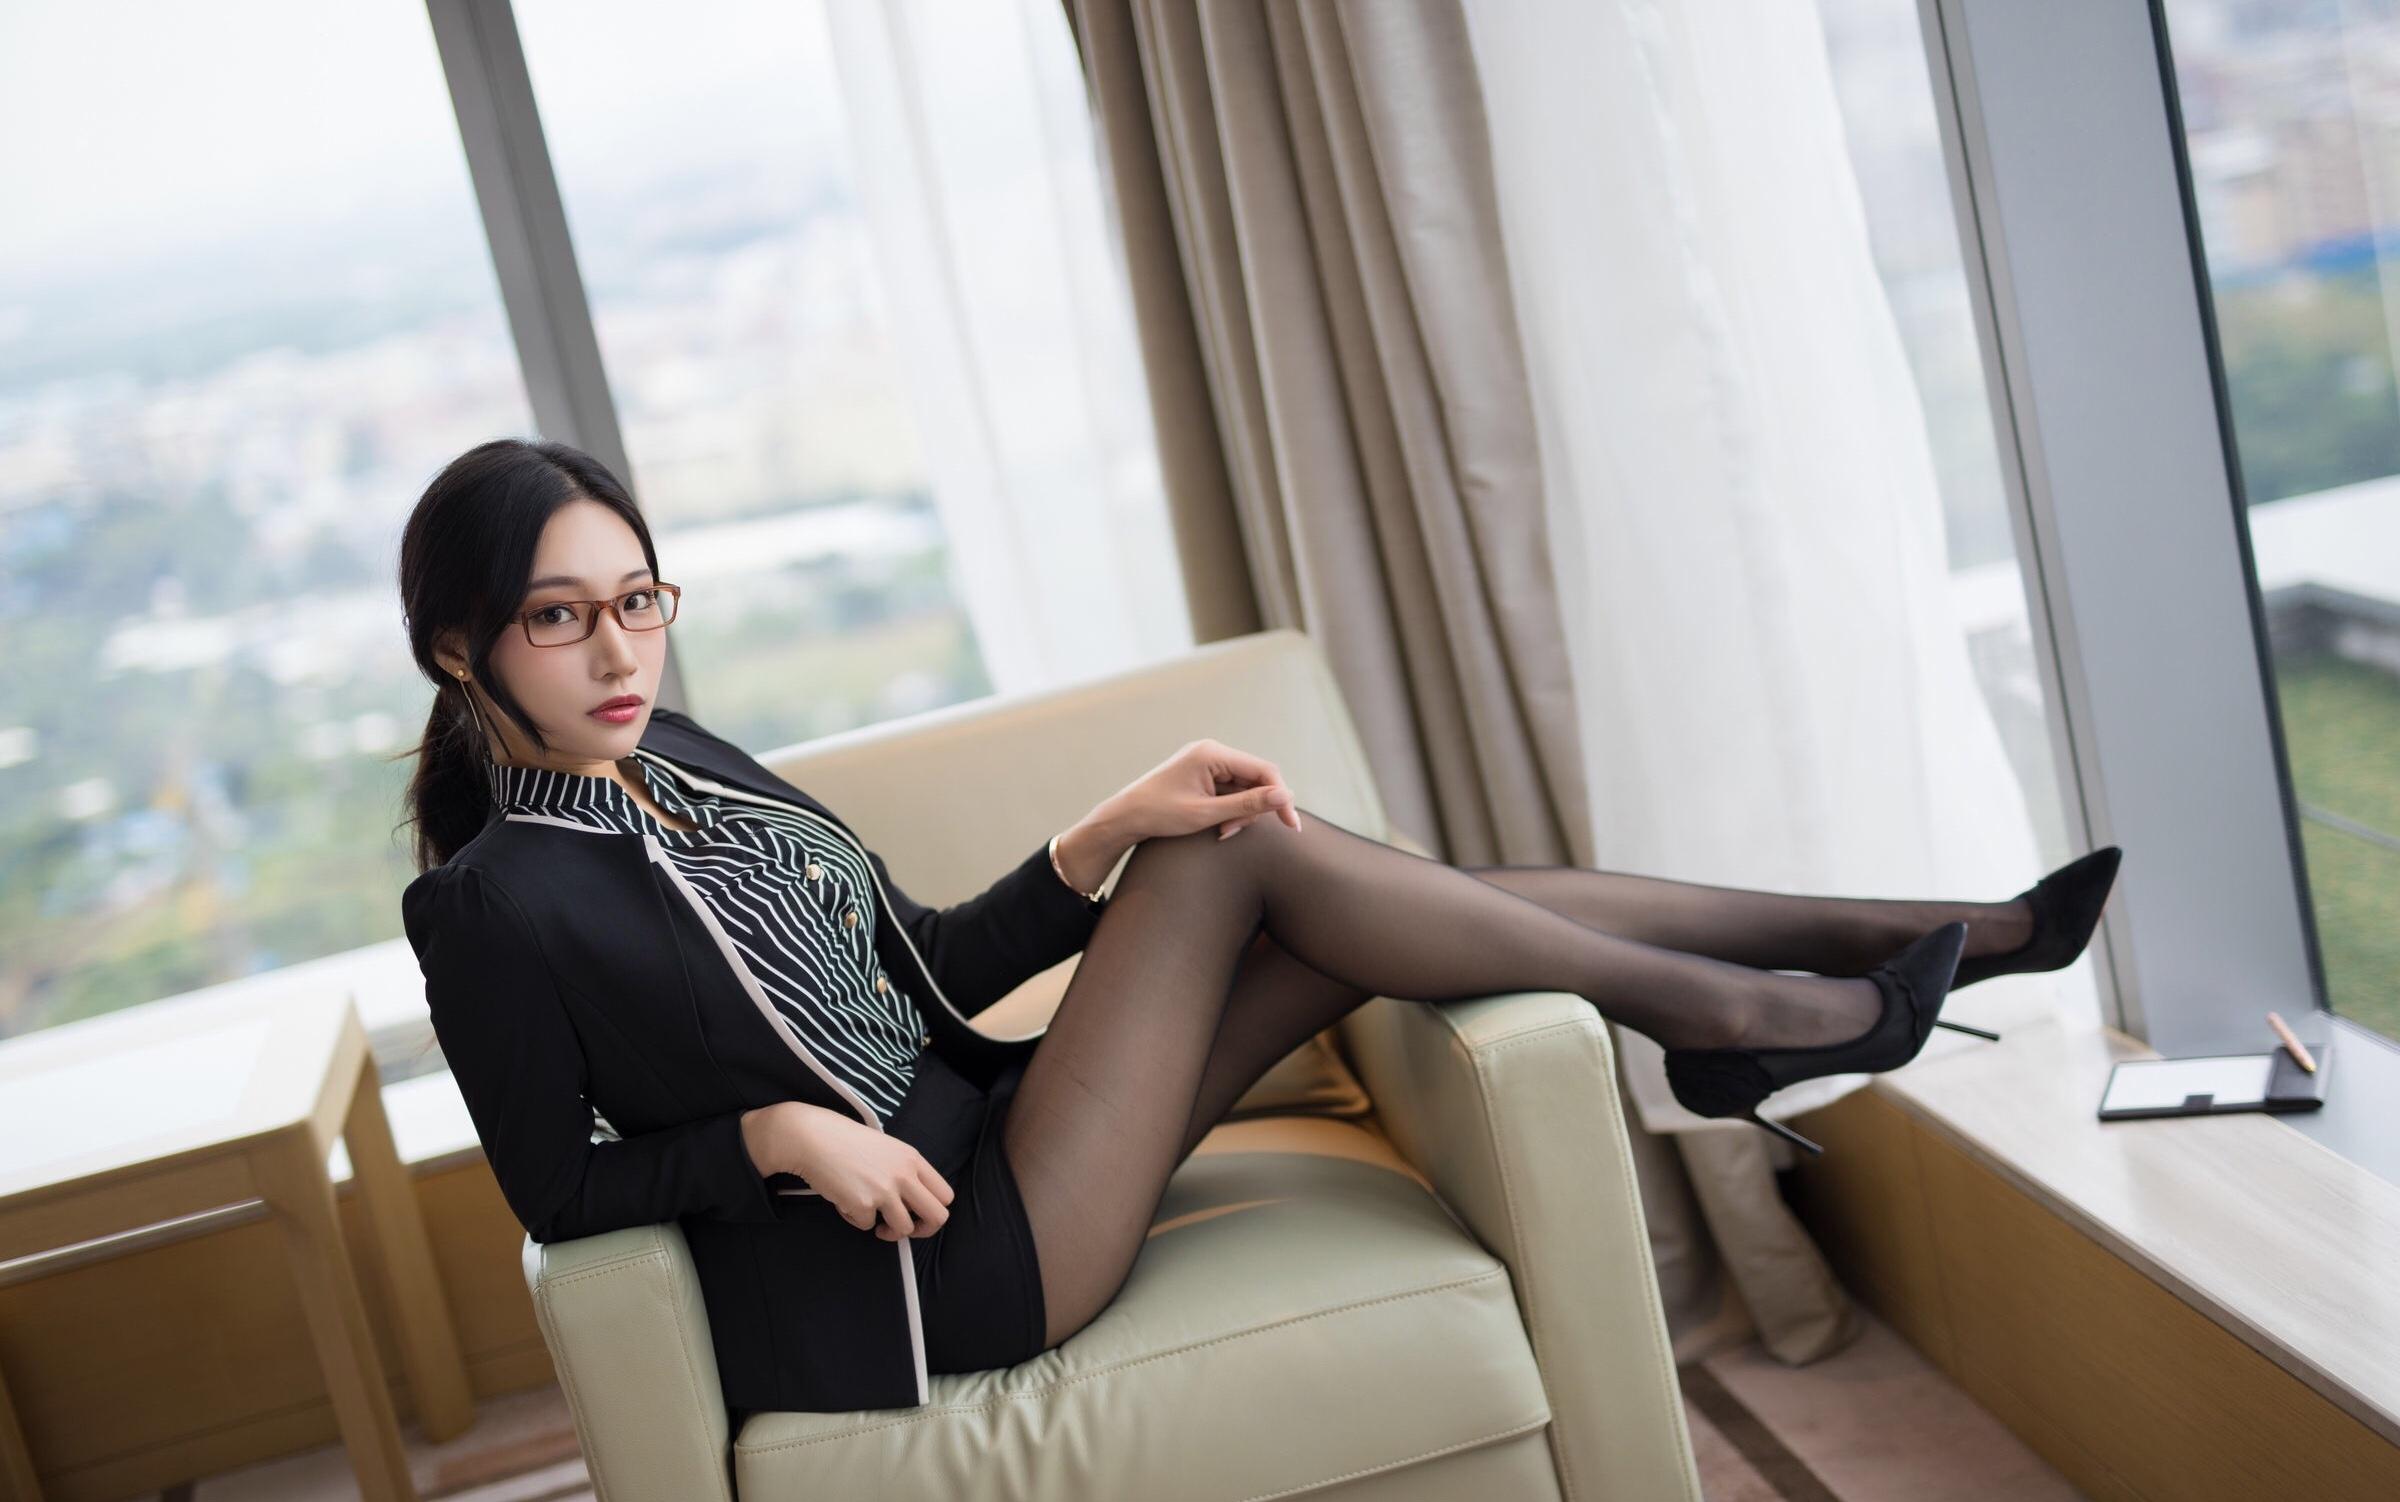 OL美女の黒パンスト足 10